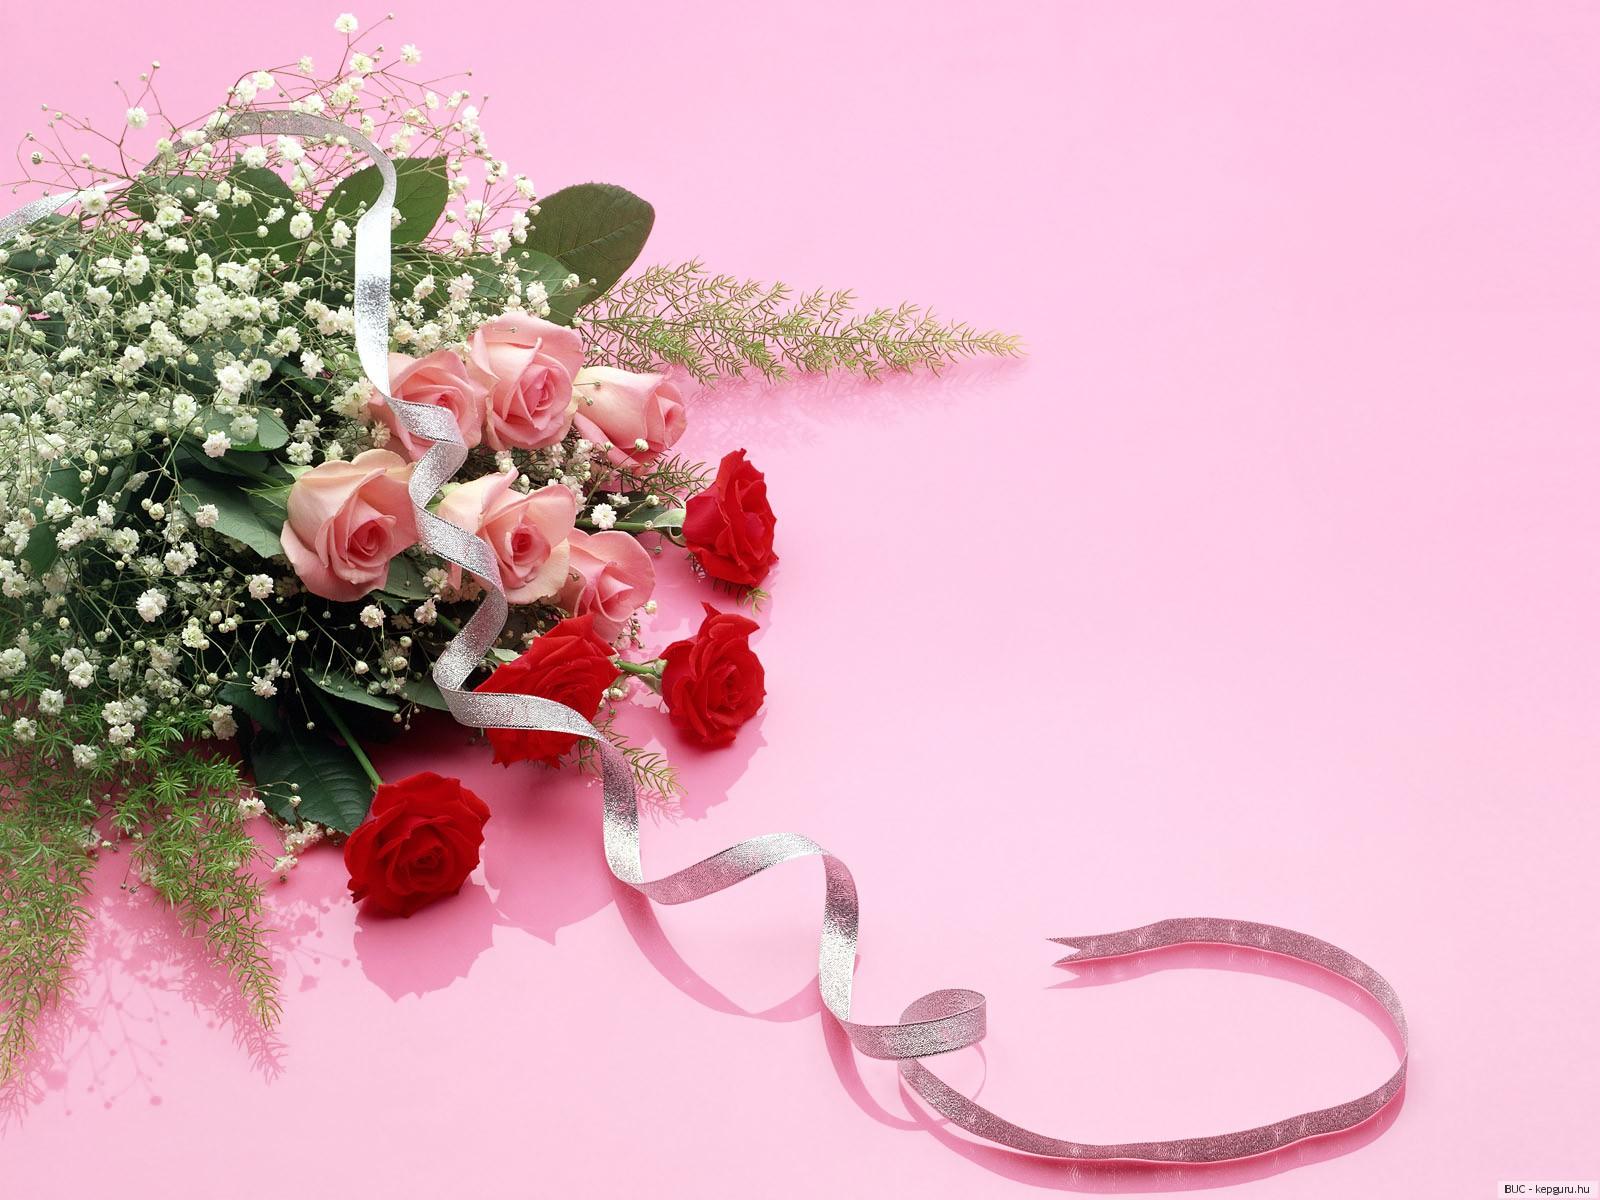 Картинки красивые цветы со смыслом (37 фото) Прикольные картинки и юмор 1